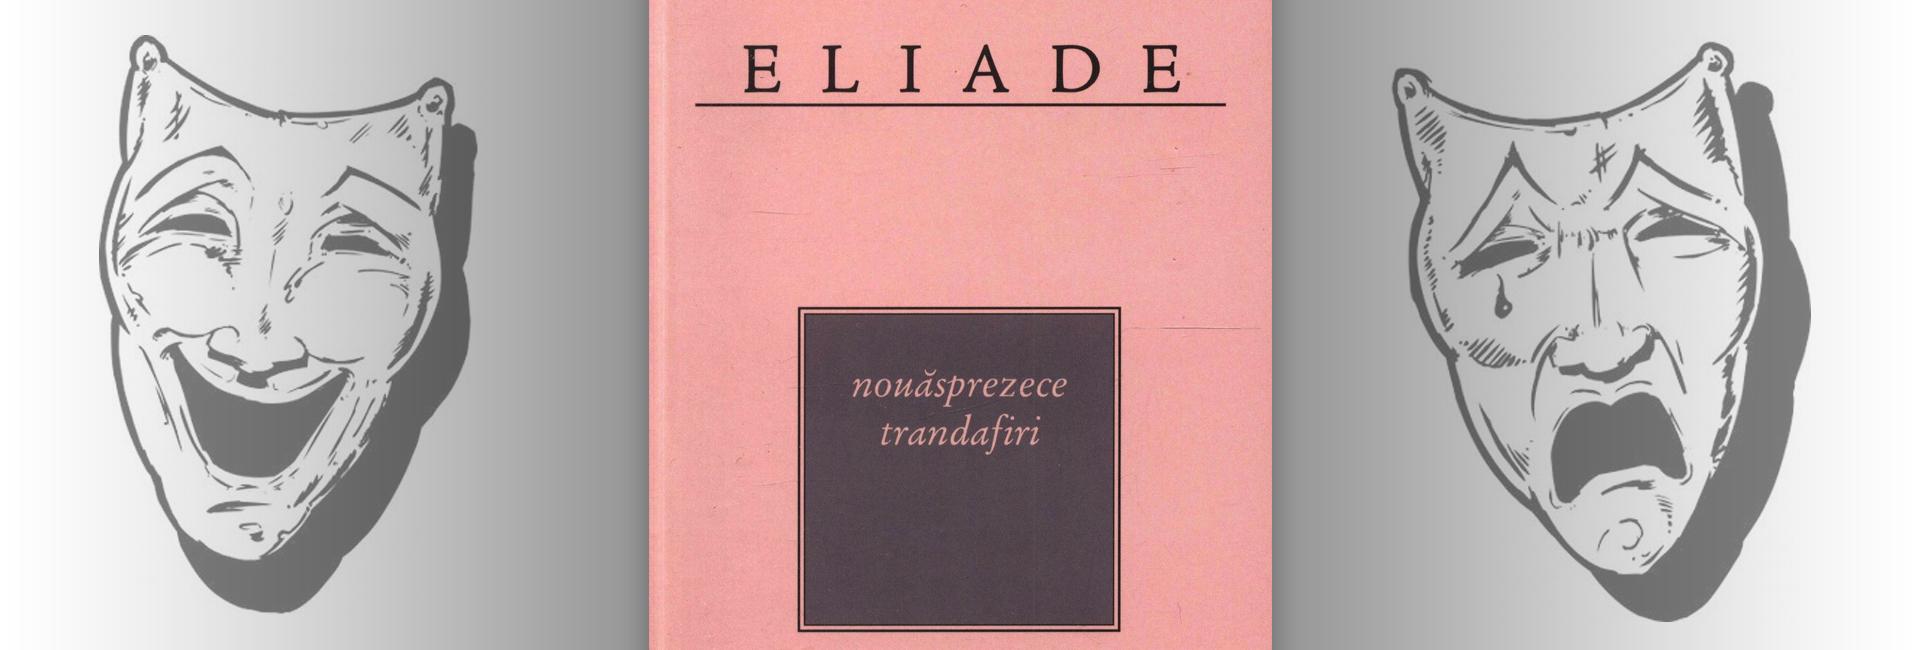 Mircea Eliade Nouăsprezece trandafiri roman teatru recenzie